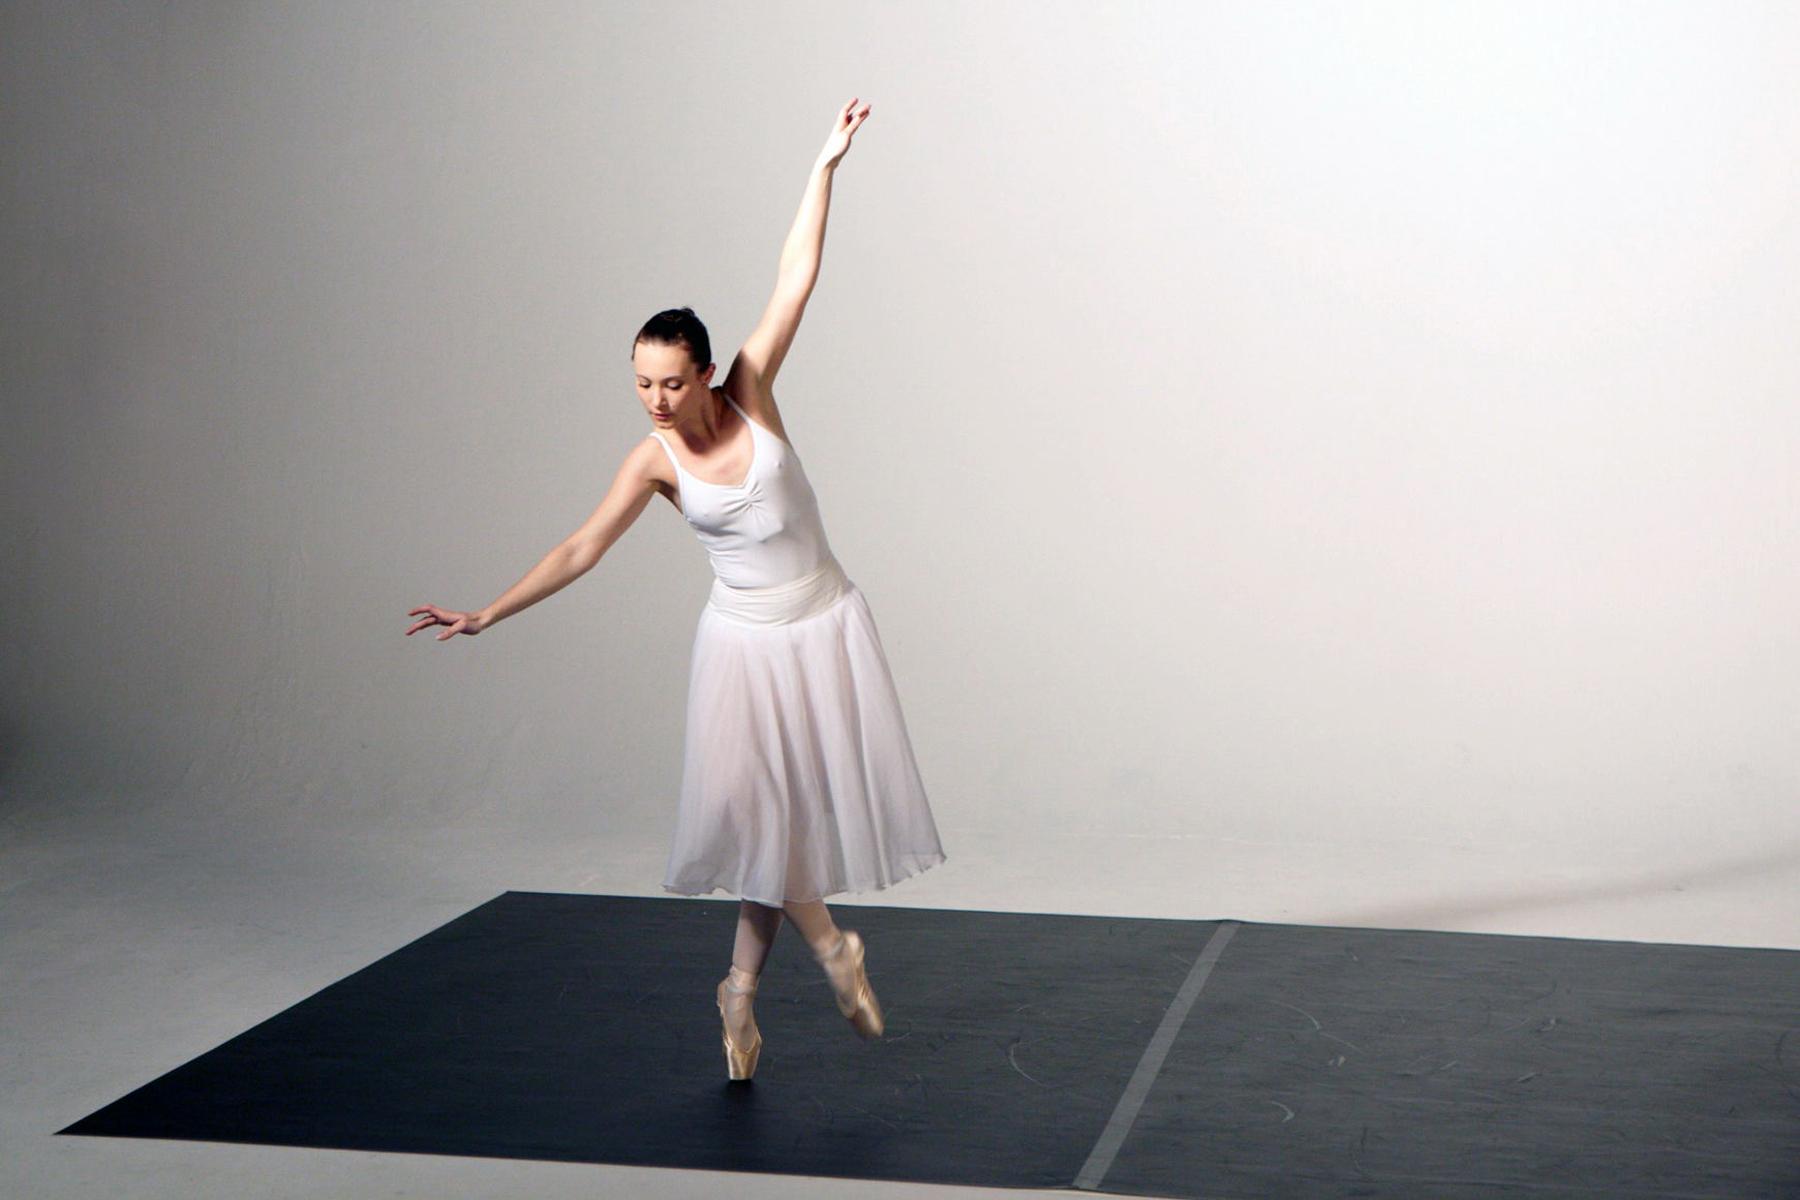 Eine Frau in einem weißen Kleid und Ballettschuhen tanzt in einem Studio. Die Bilder wurden für ein freies Filmprojekt im Studio Saibou in Köln aufgenommen.